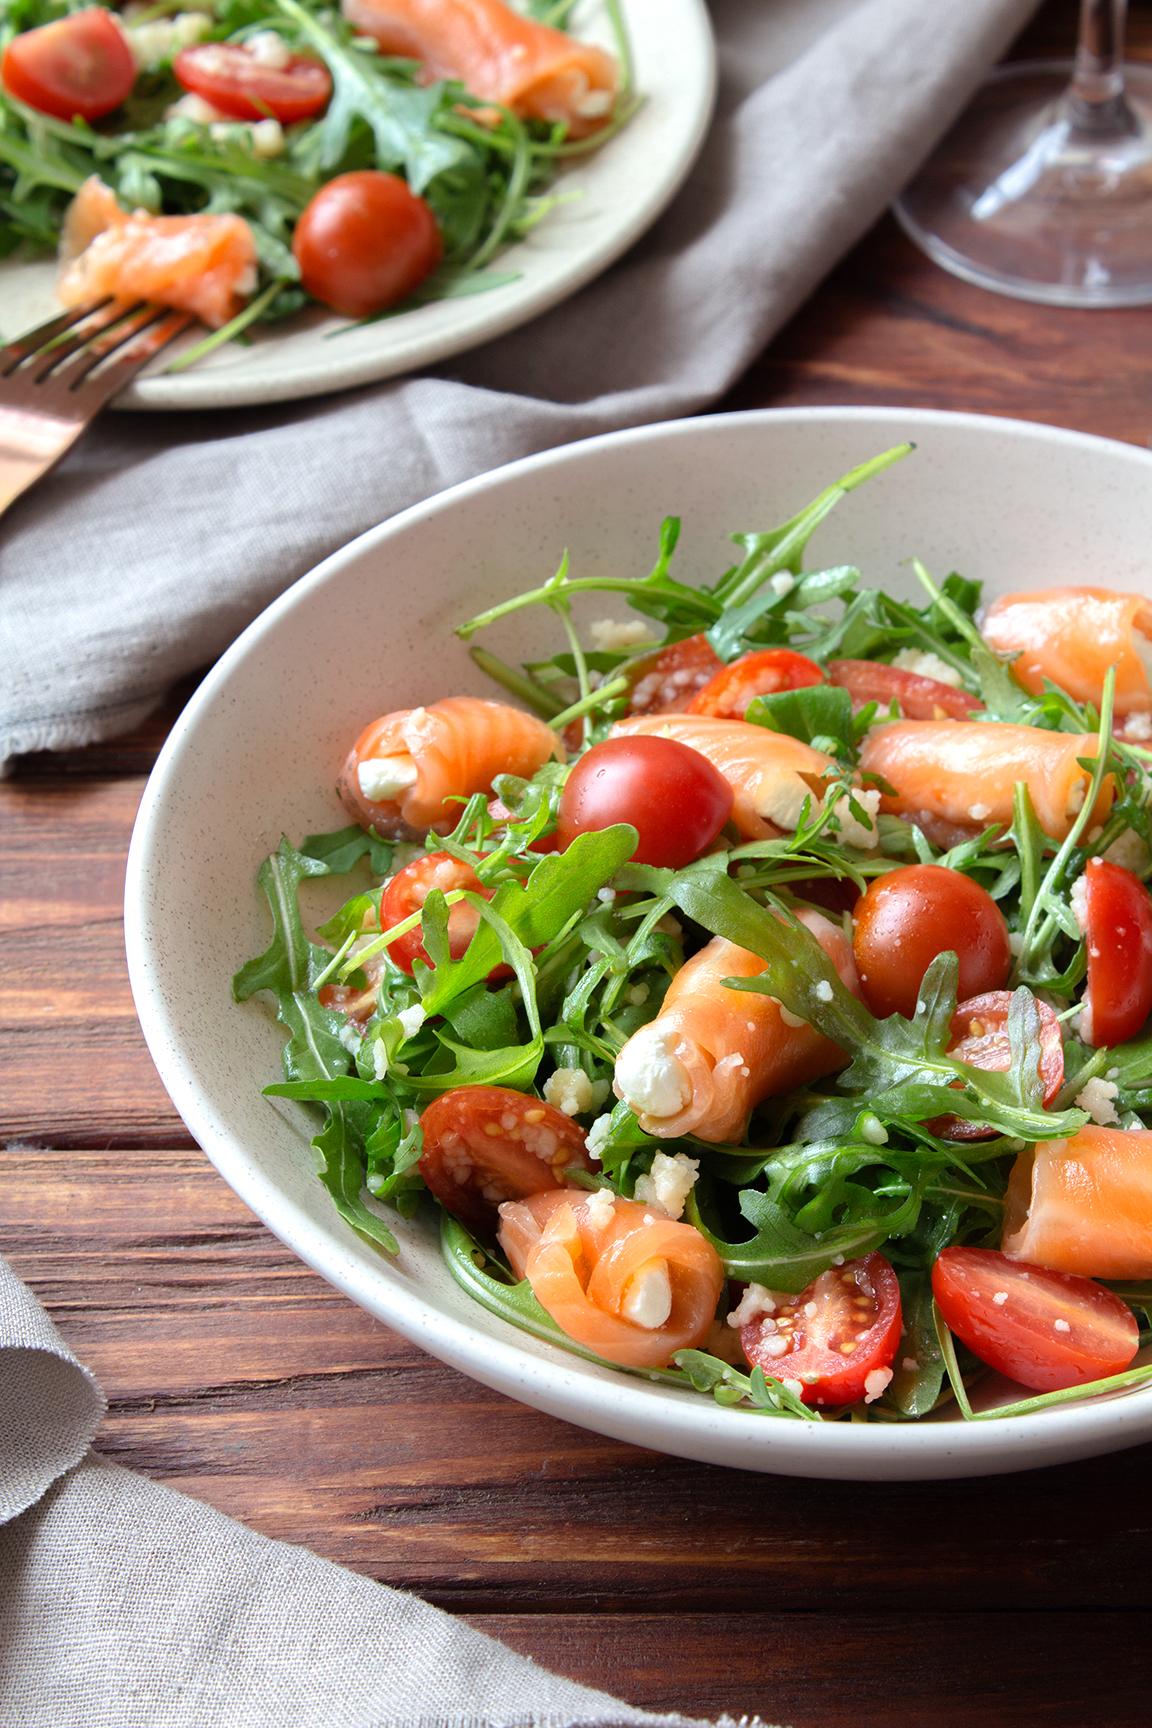 салат с семгой и картошкой фото рецепт окон каждой квартиры